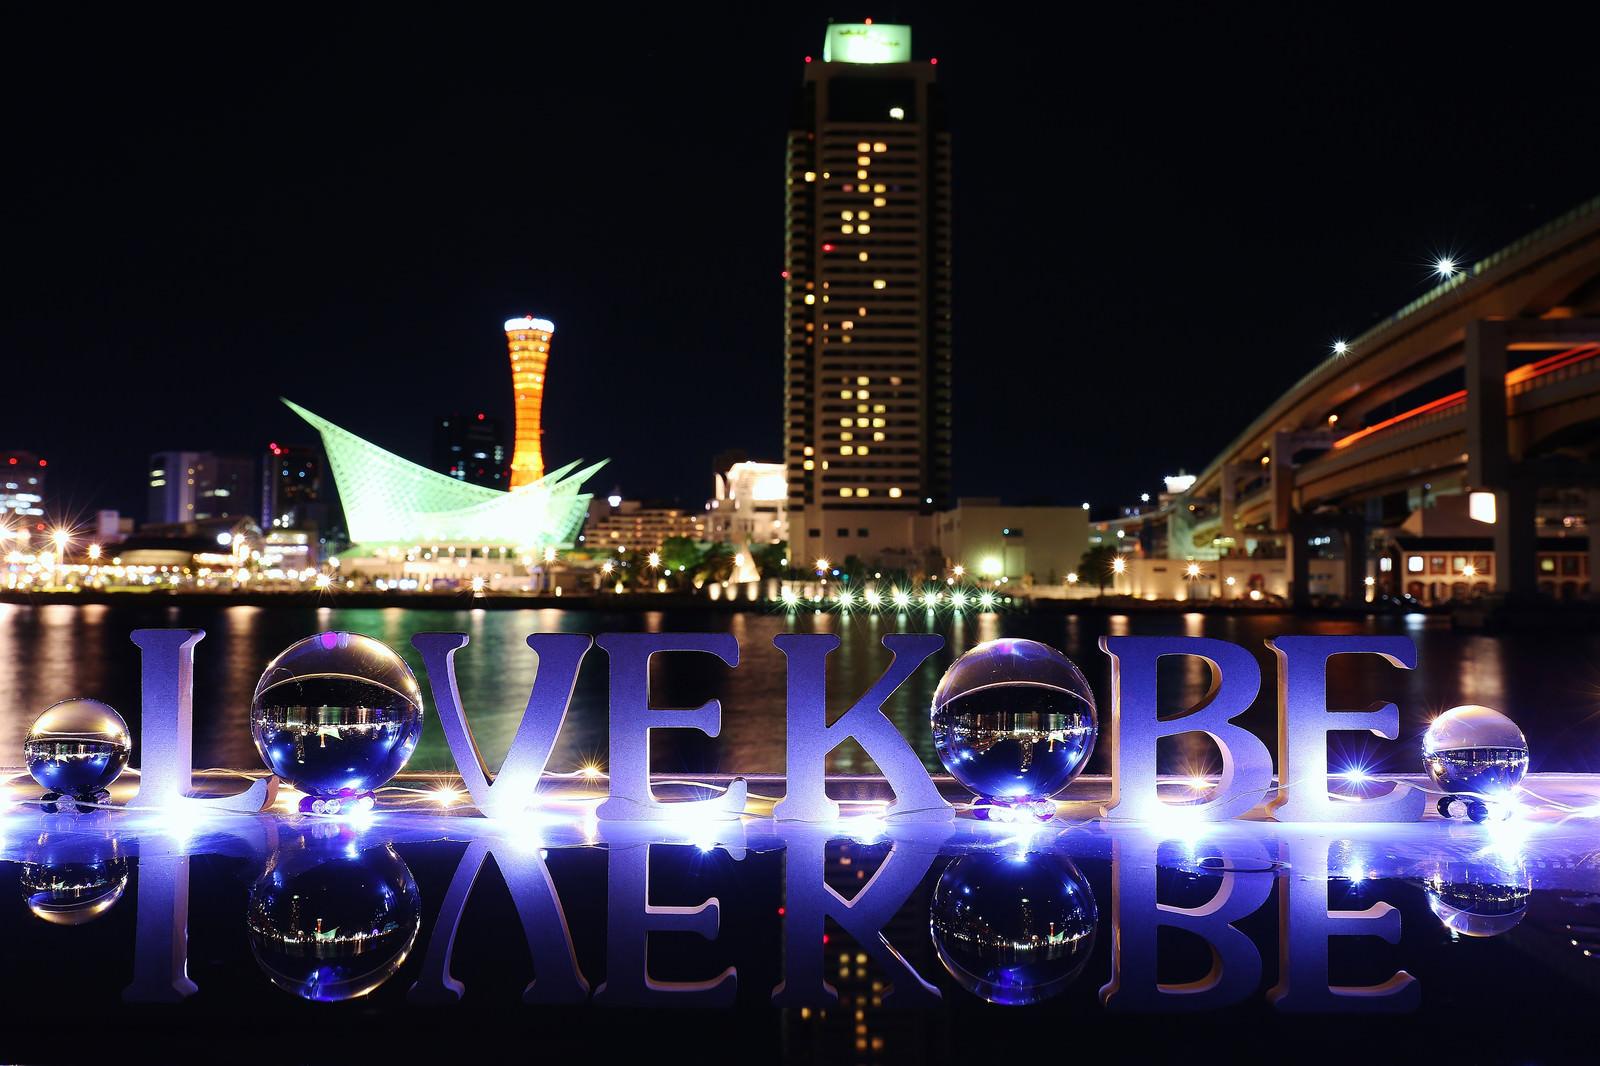 「神戸の夜景を背景にLOVE KOBE神戸の夜景を背景にLOVE KOBE」のフリー写真素材を拡大